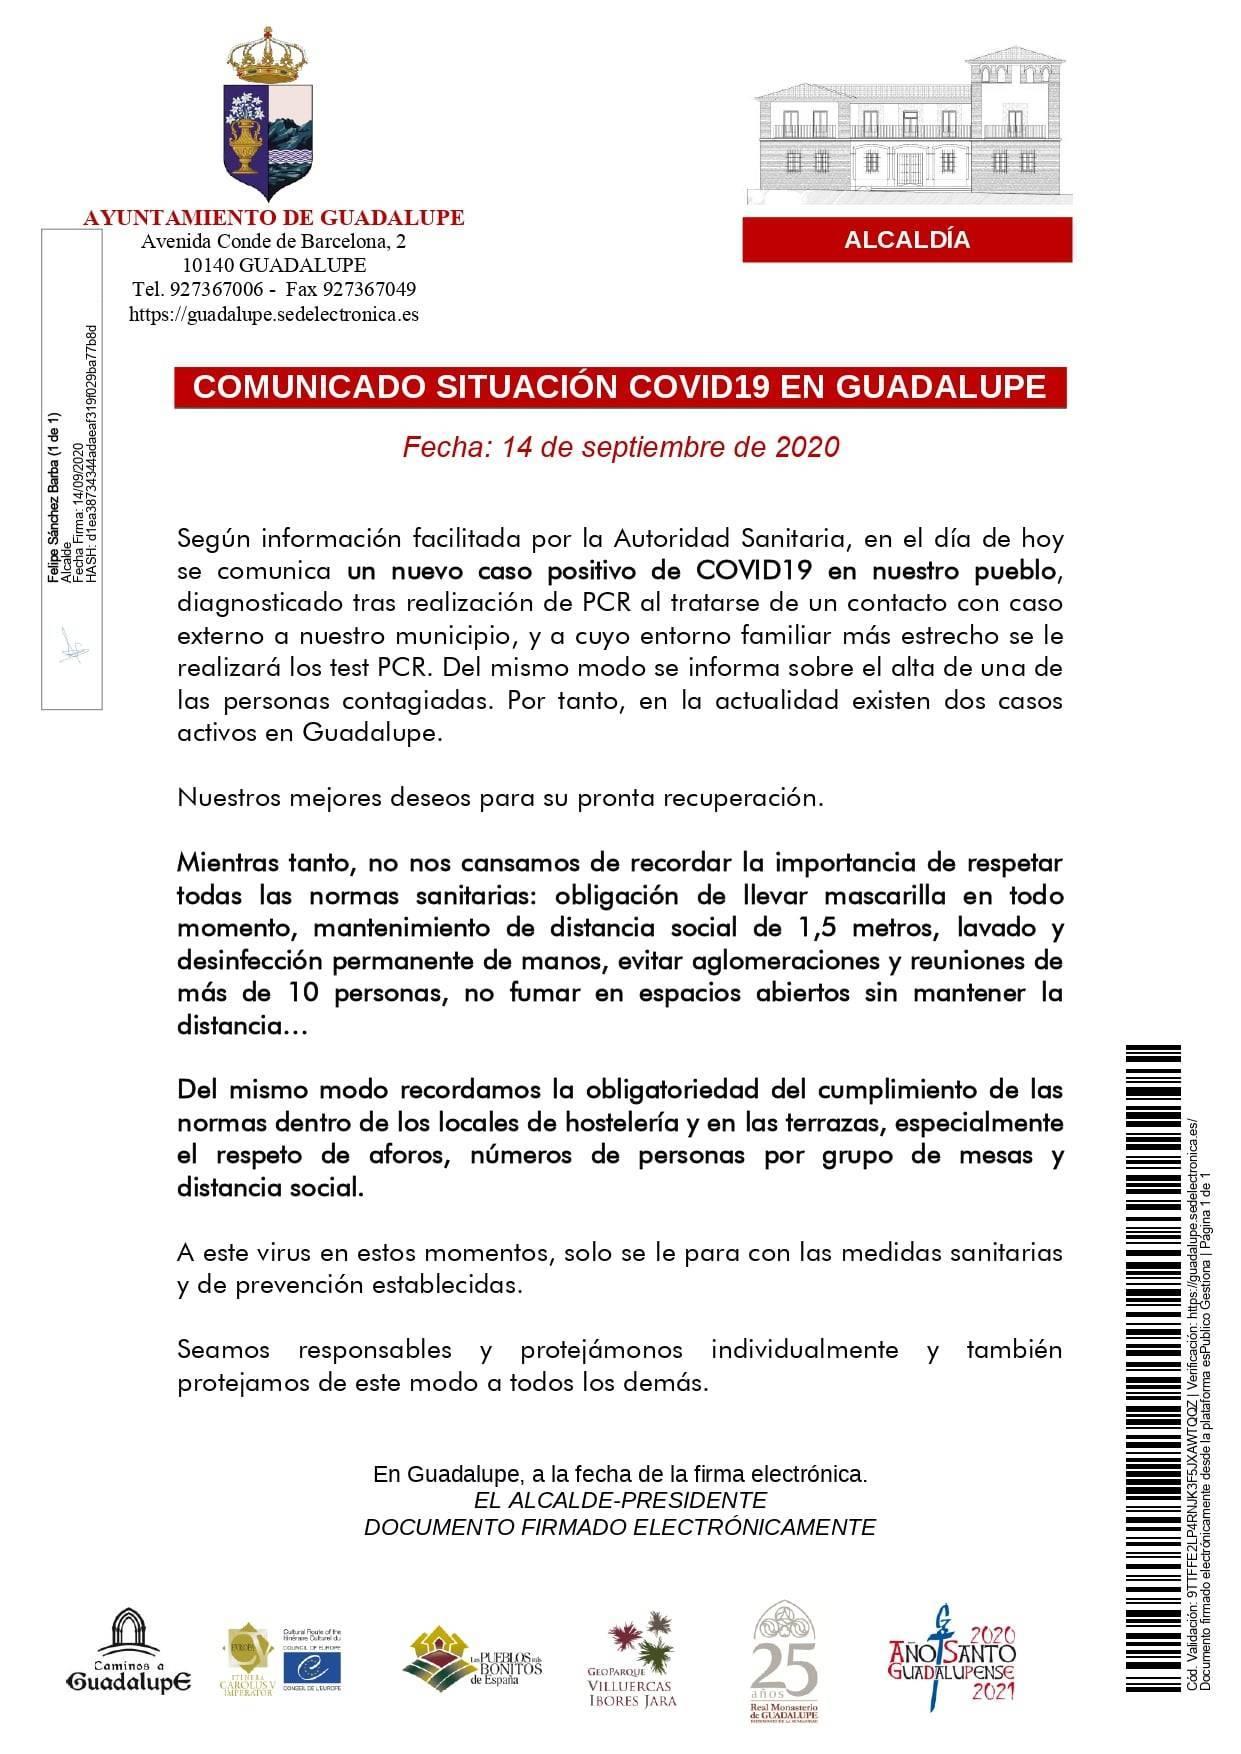 Nuevo caso positivo de COVID-19 (septiembre 2020) - Guadalupe (Cáceres)